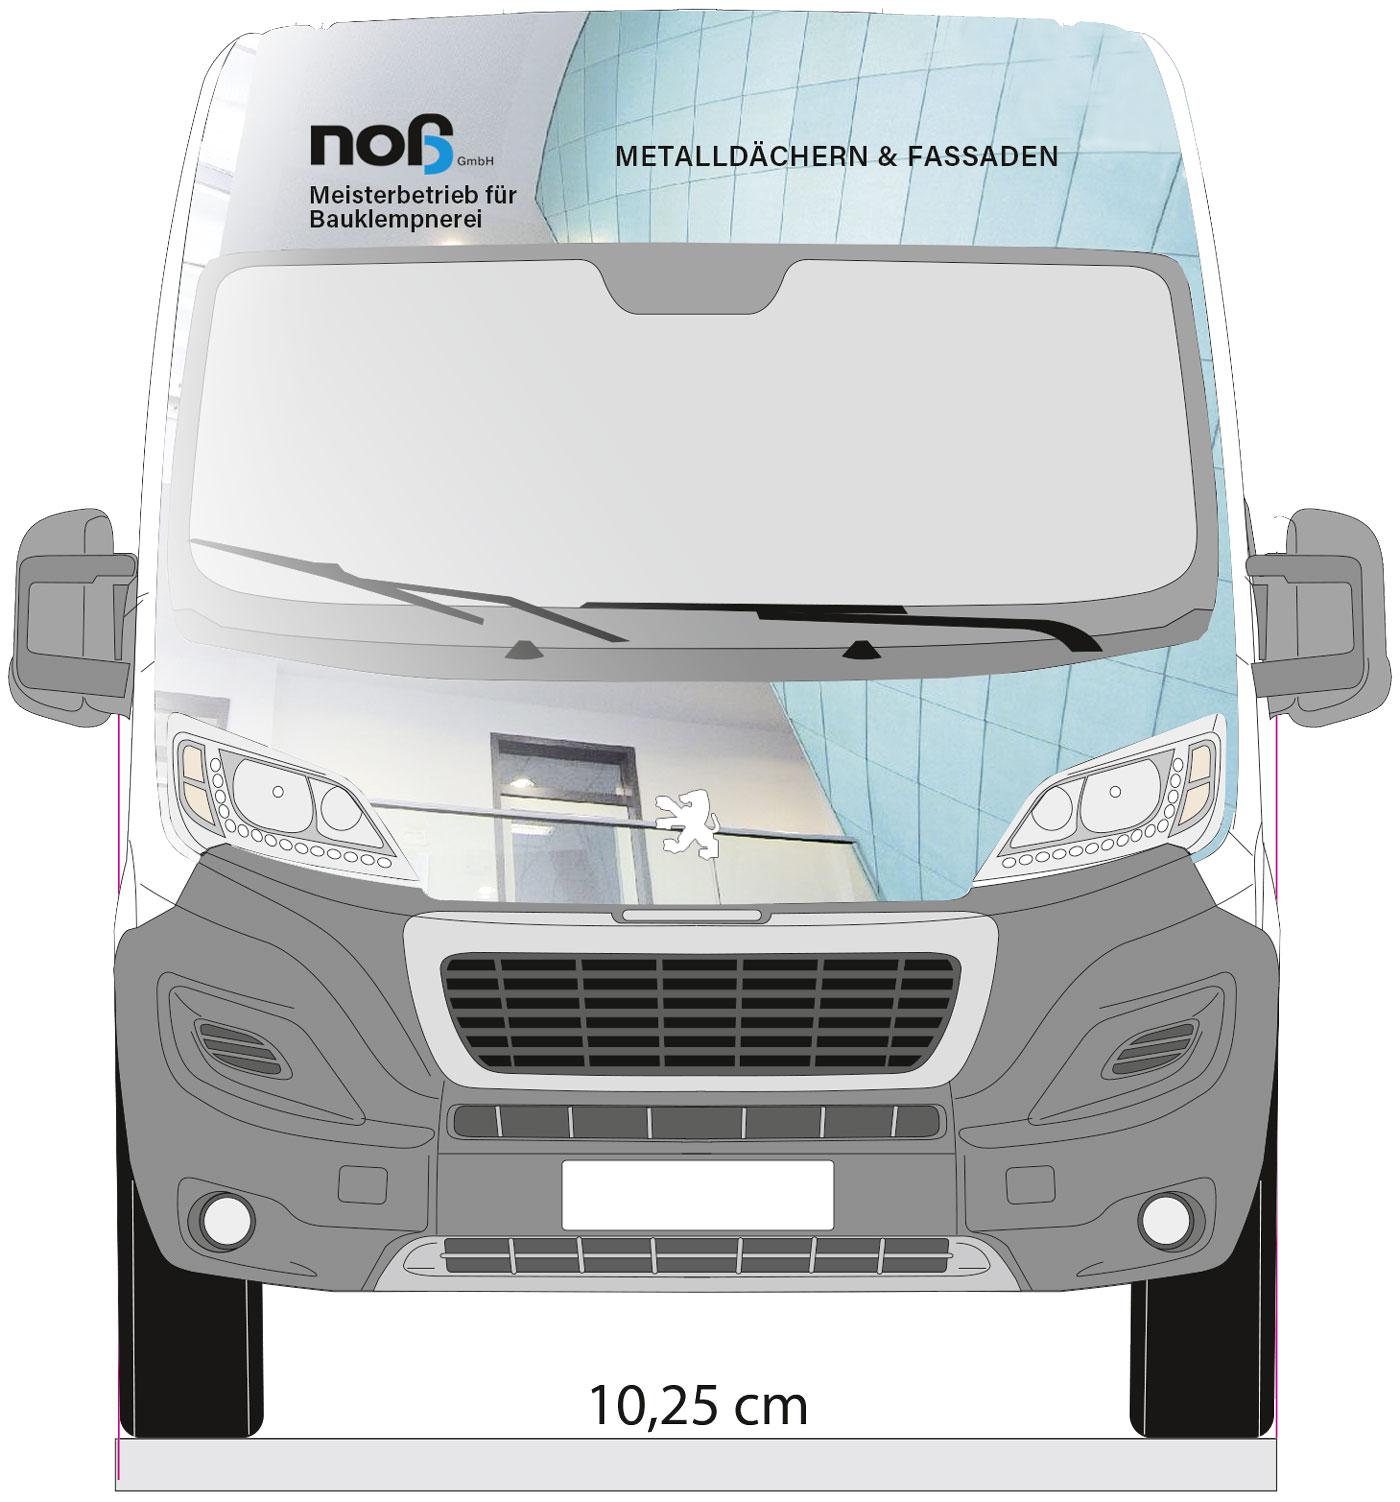 Entwurf einer Vollflächigen Transporter-Beschriftung der Firma Noß GmbH aus Voxtrup